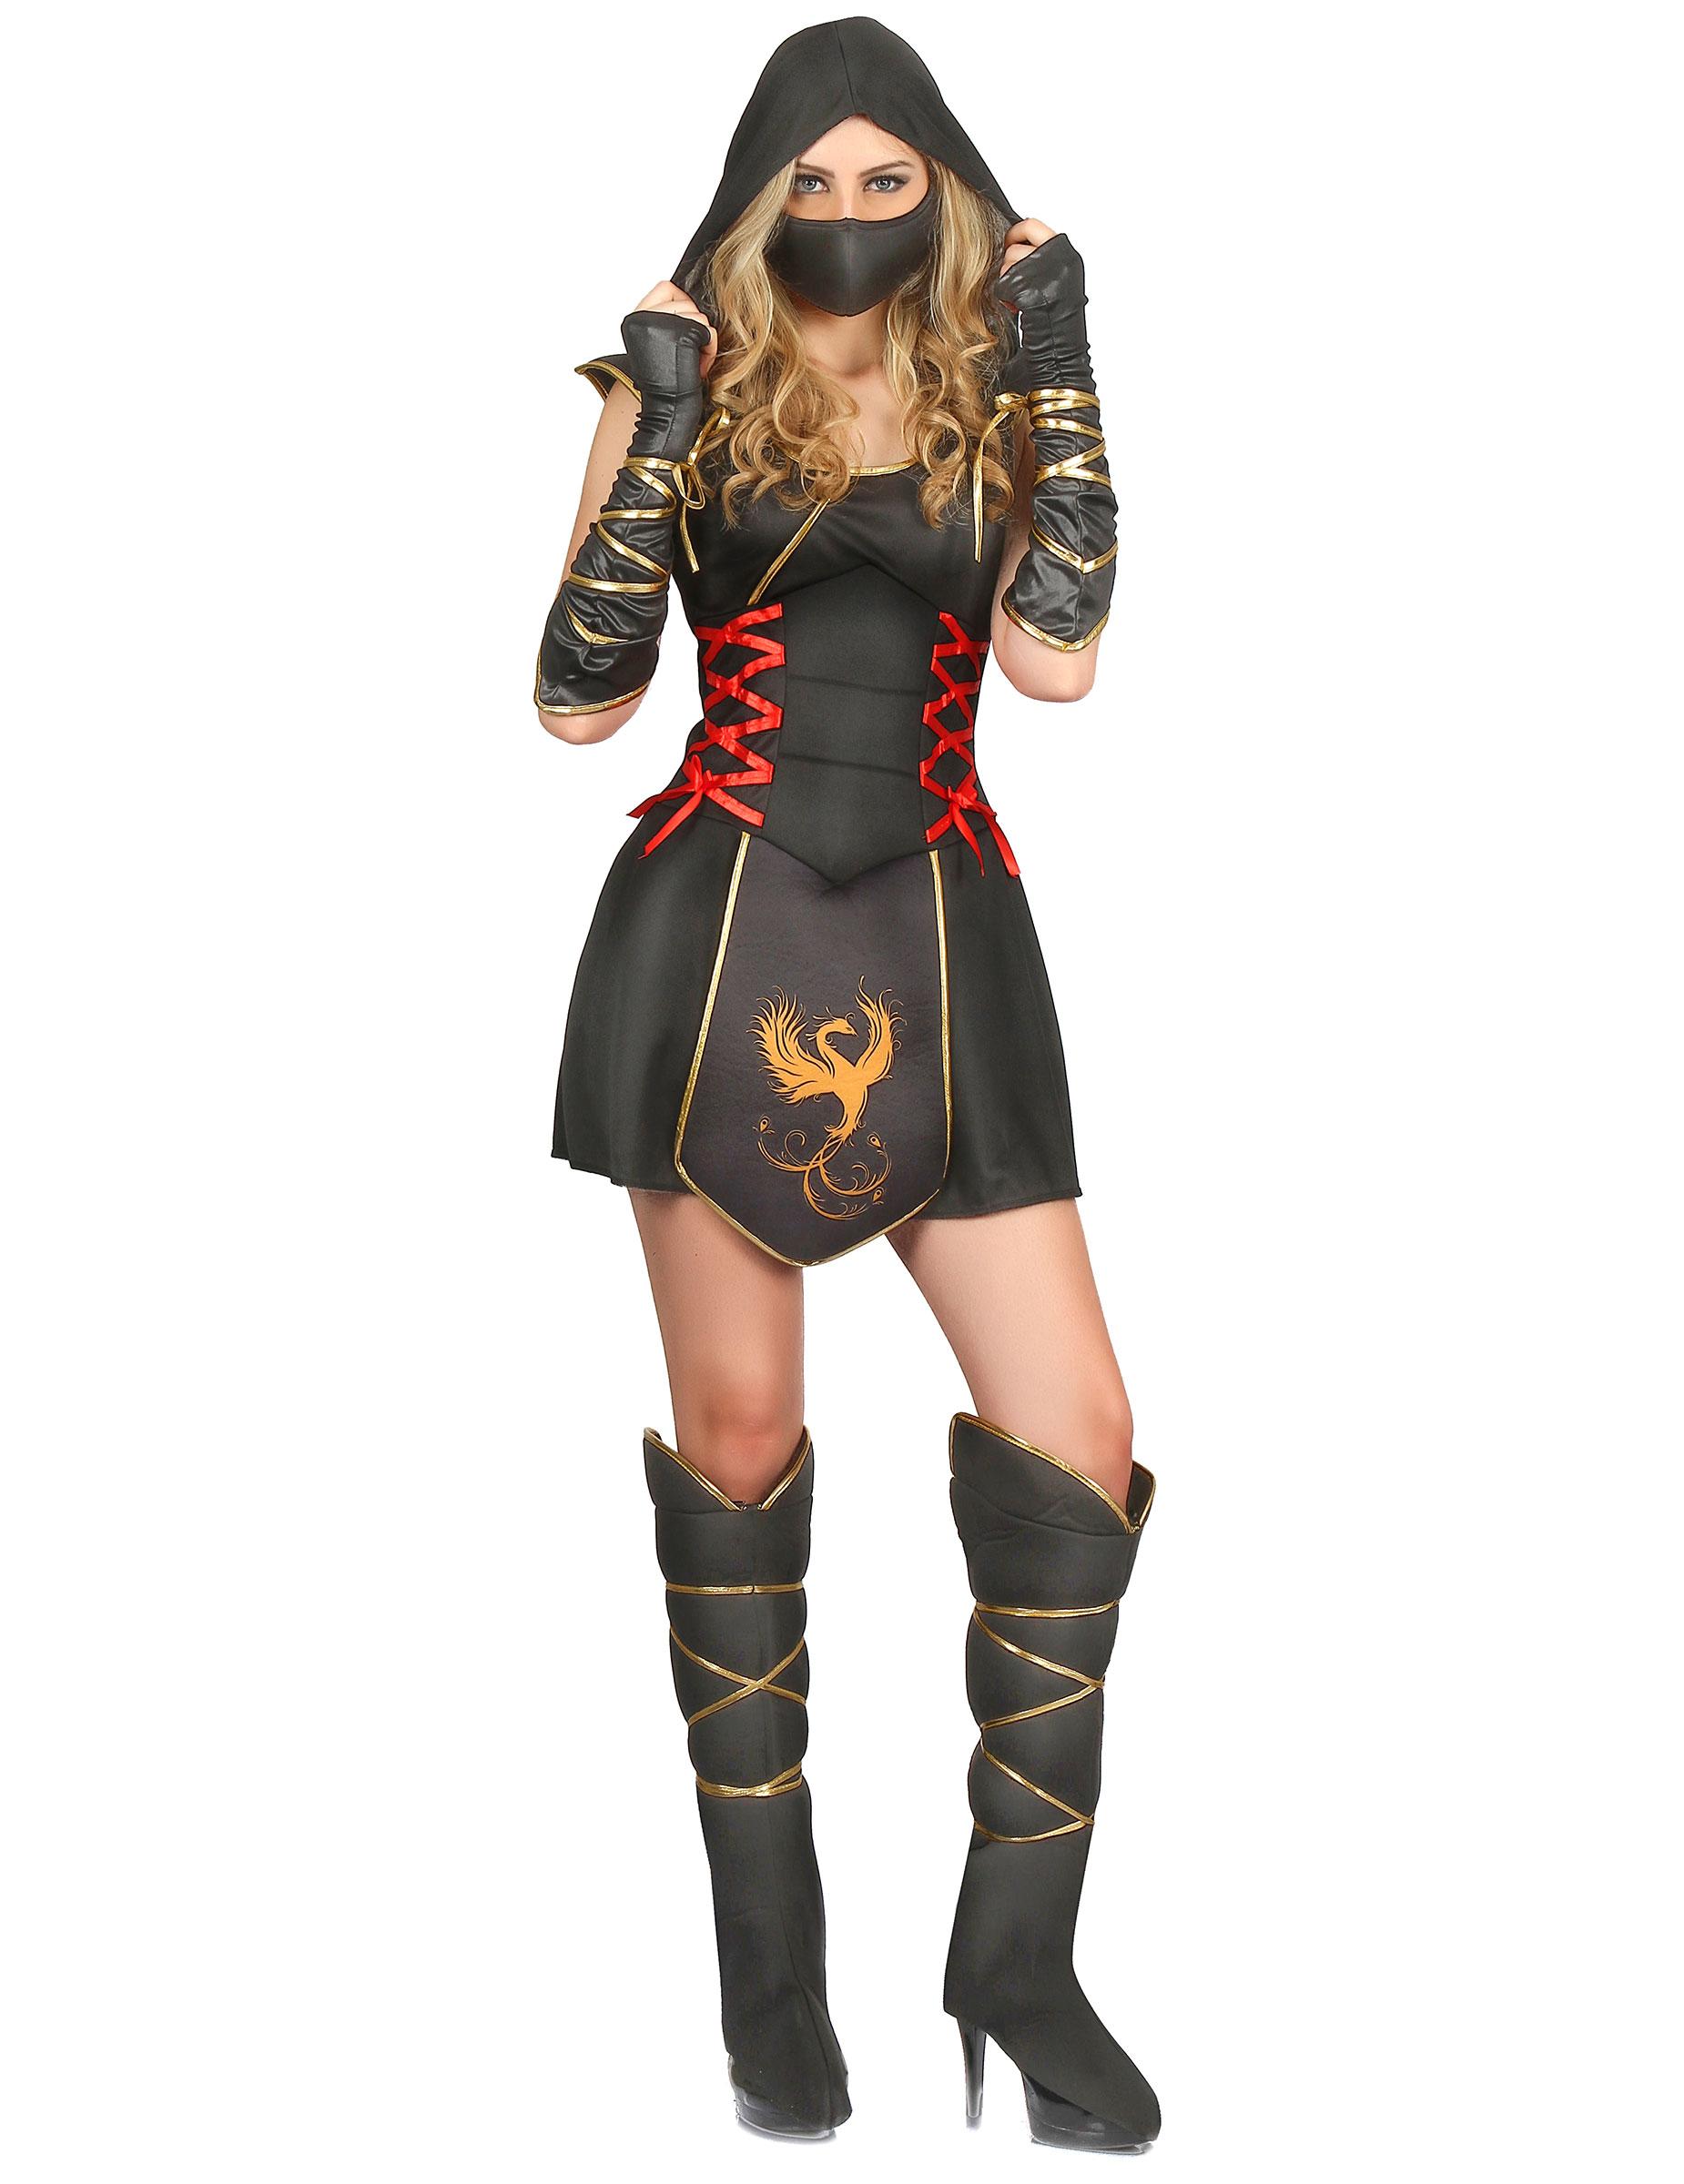 Carnavalskleding Dames Ninja.Ninja Kostuum Voor Dames Volwassenen Kostuums En Goedkope